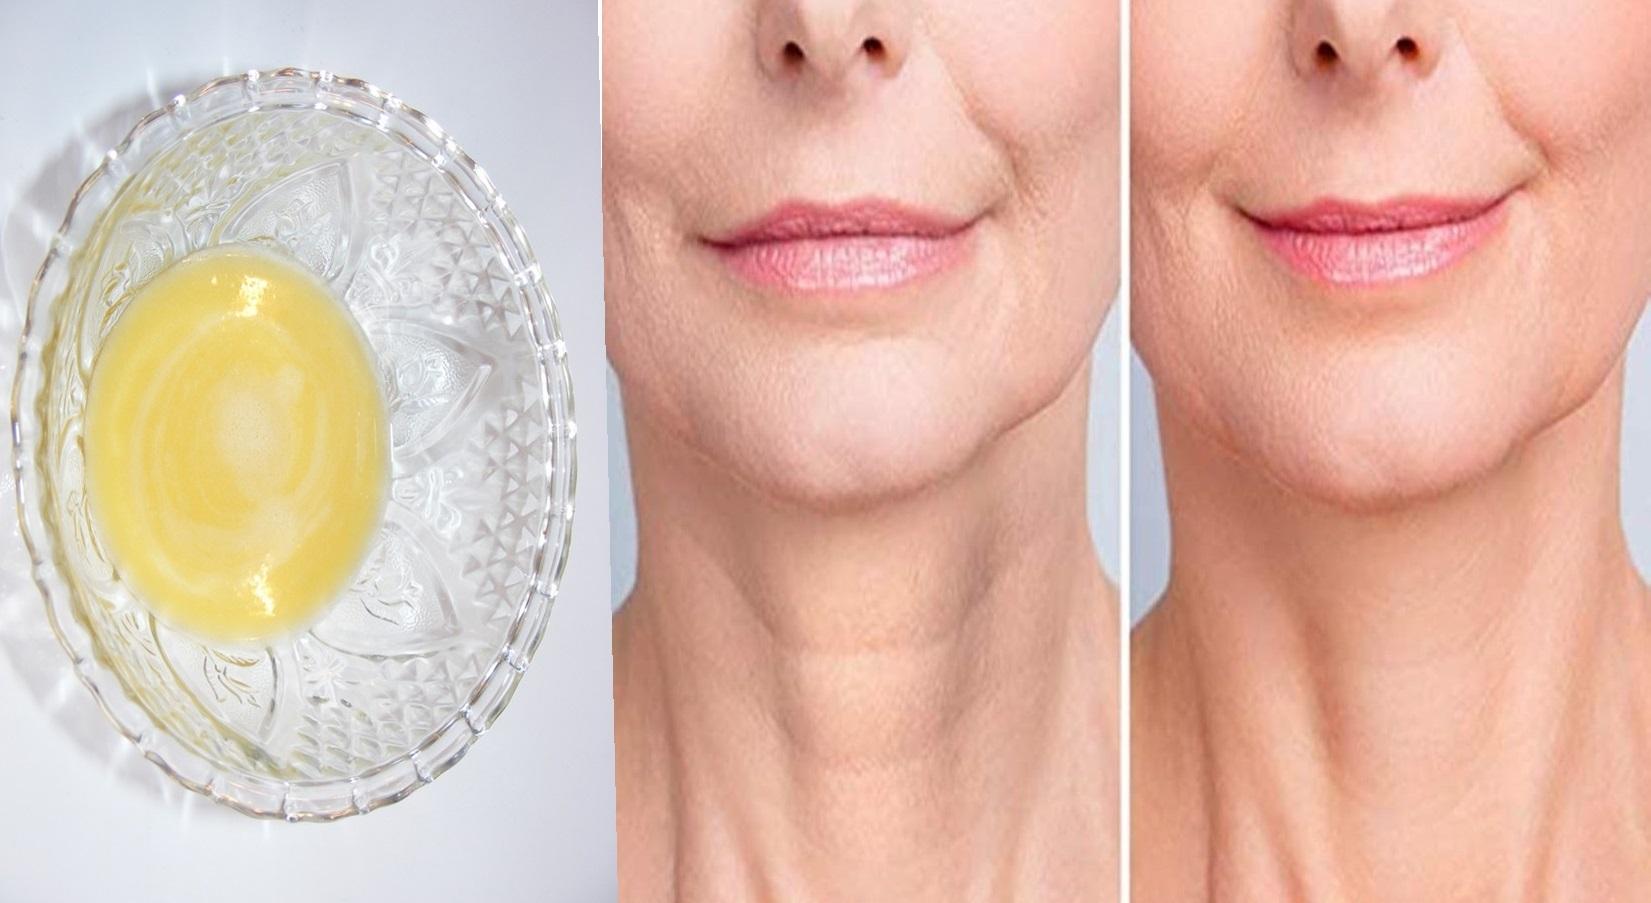 O modalitate ușoară și ieftină de a întineri pielea de pe gât și față